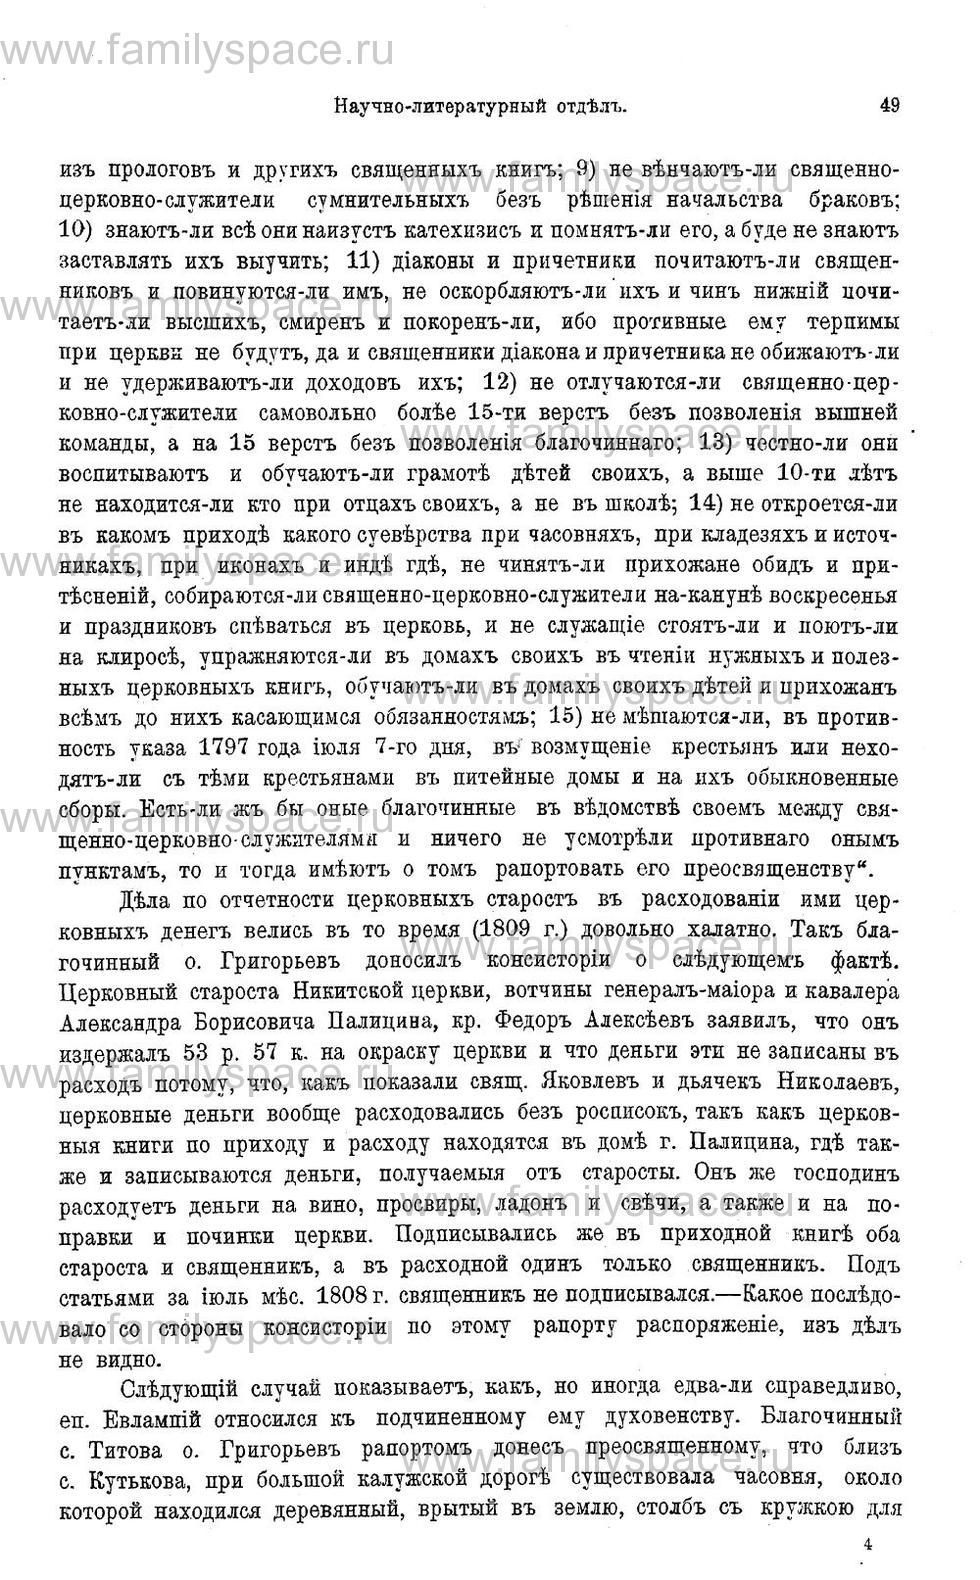 Поиск по фамилии - Памятная книжка и адрес-календарь Калужской губернии на 1911 год, страница 3049